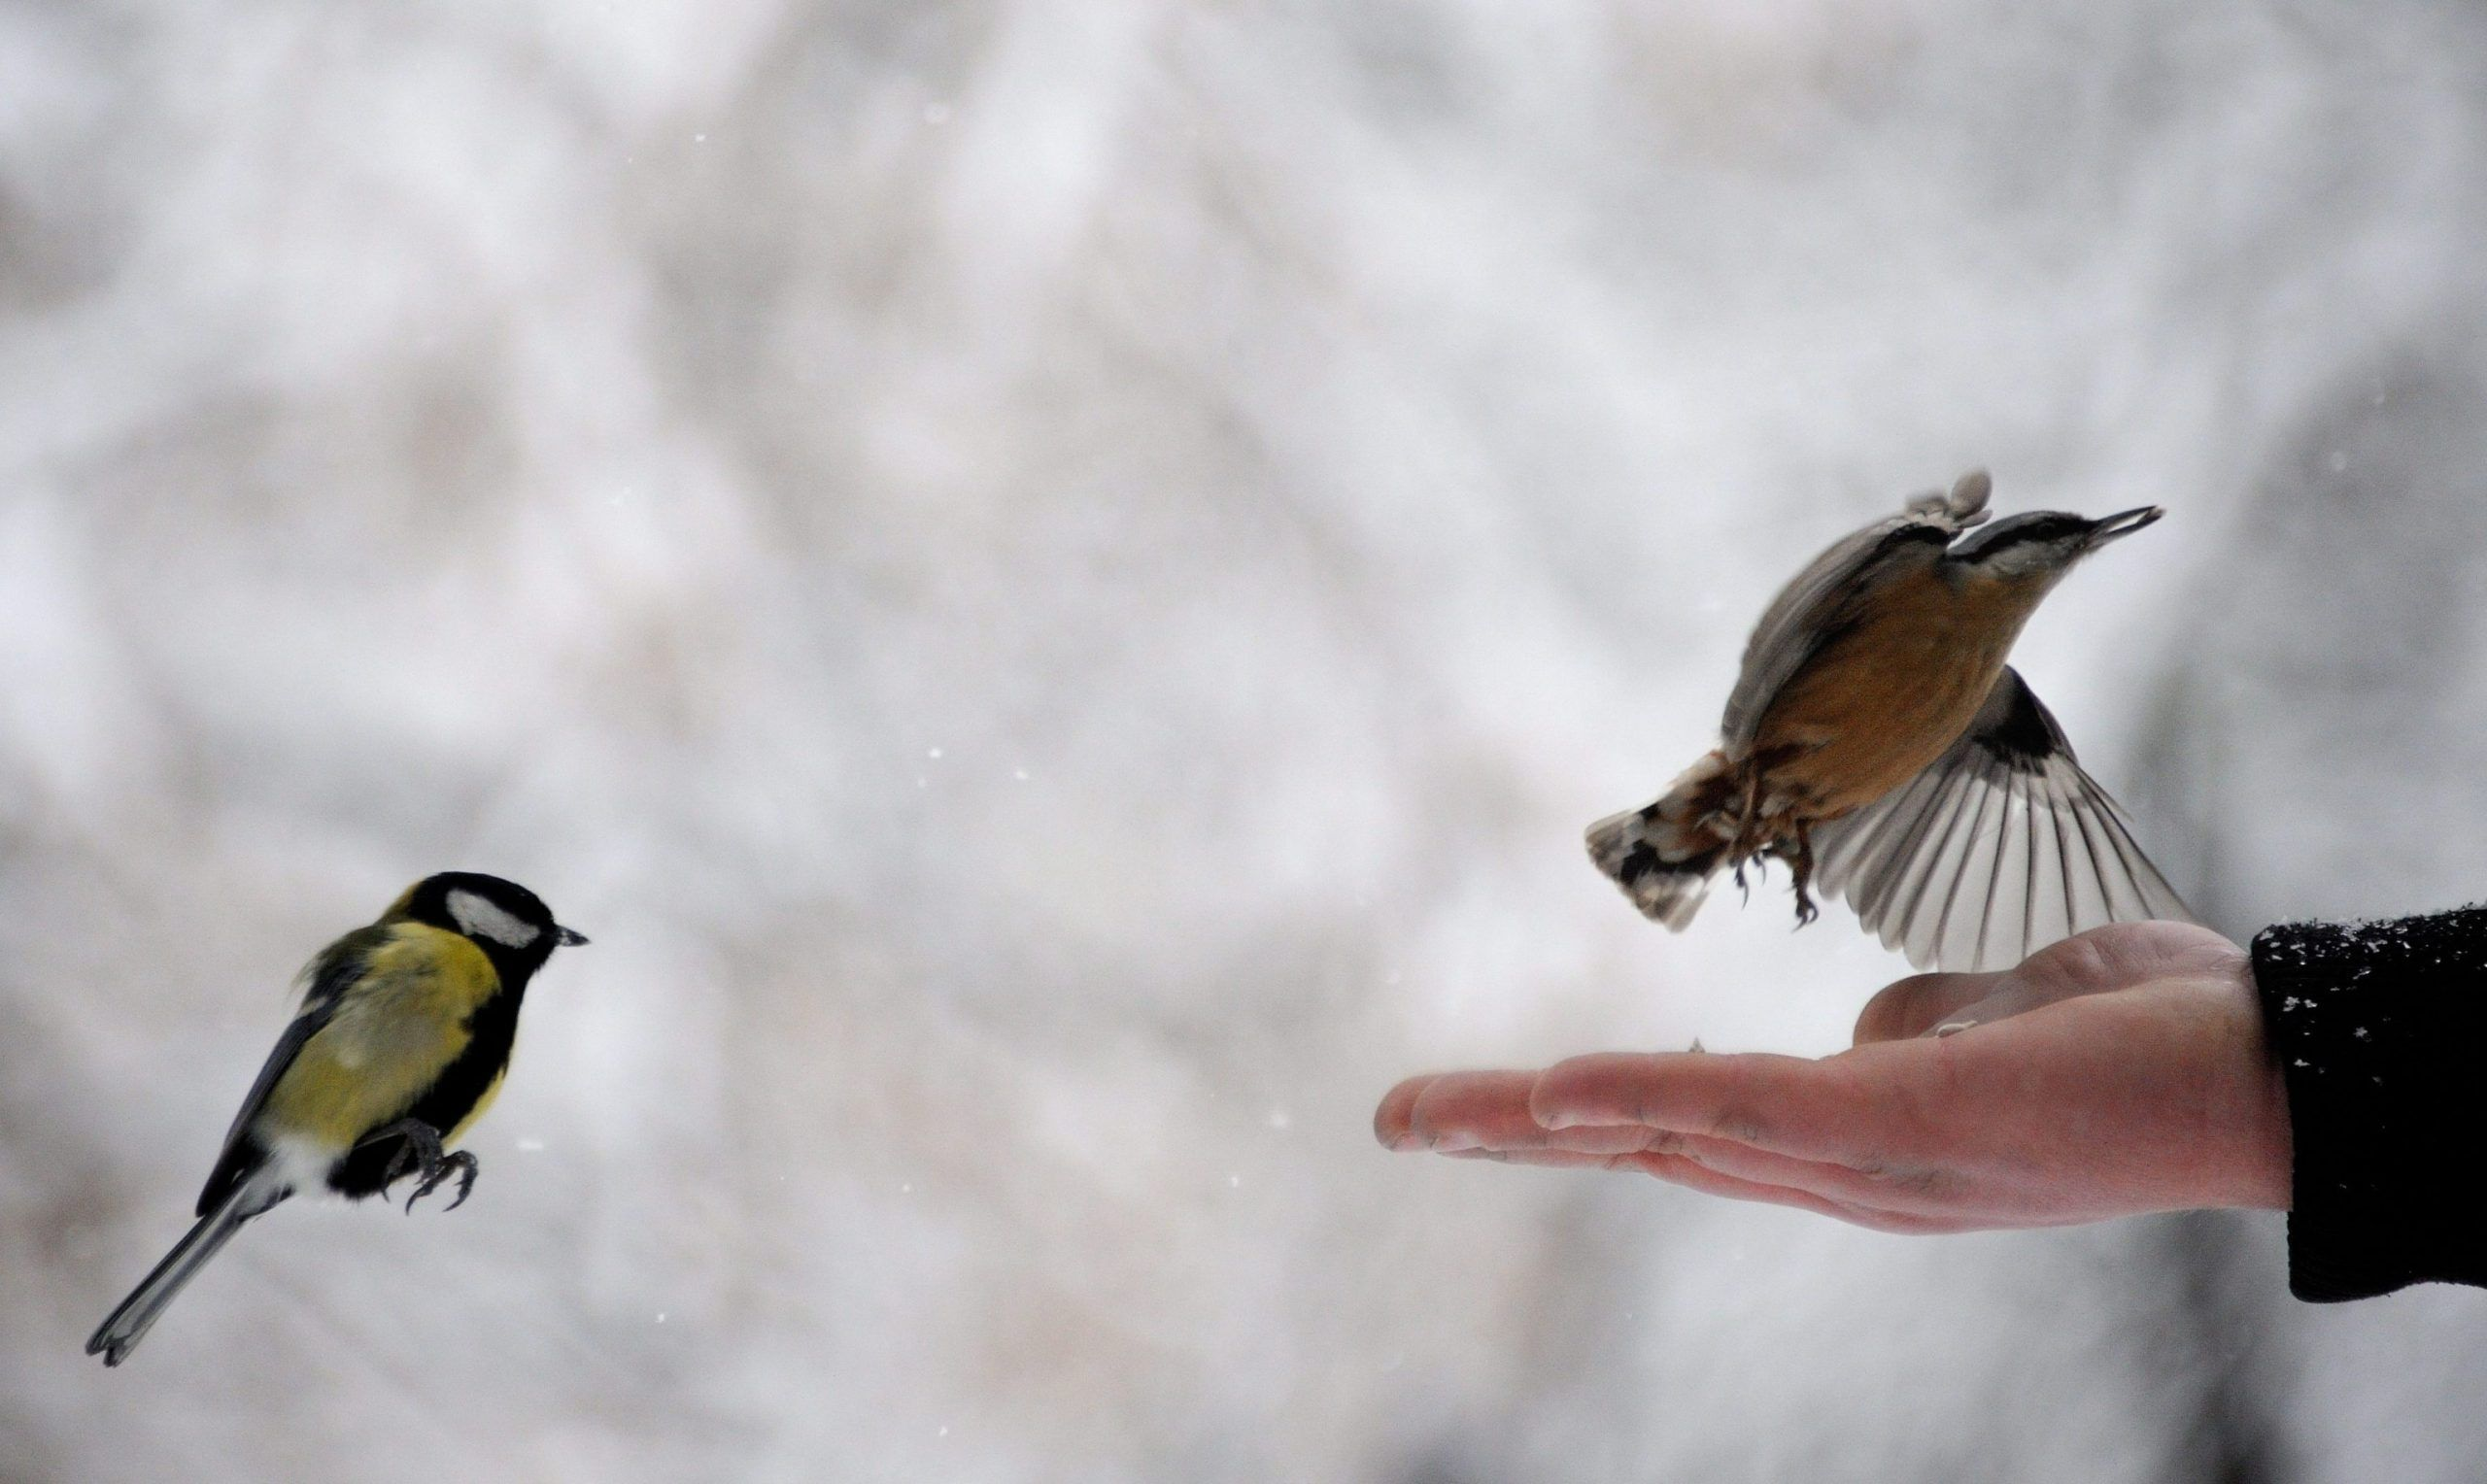 MALTEMPO: ANIMALI ALLE PRESE CON IL FREDDO / SPECIALE